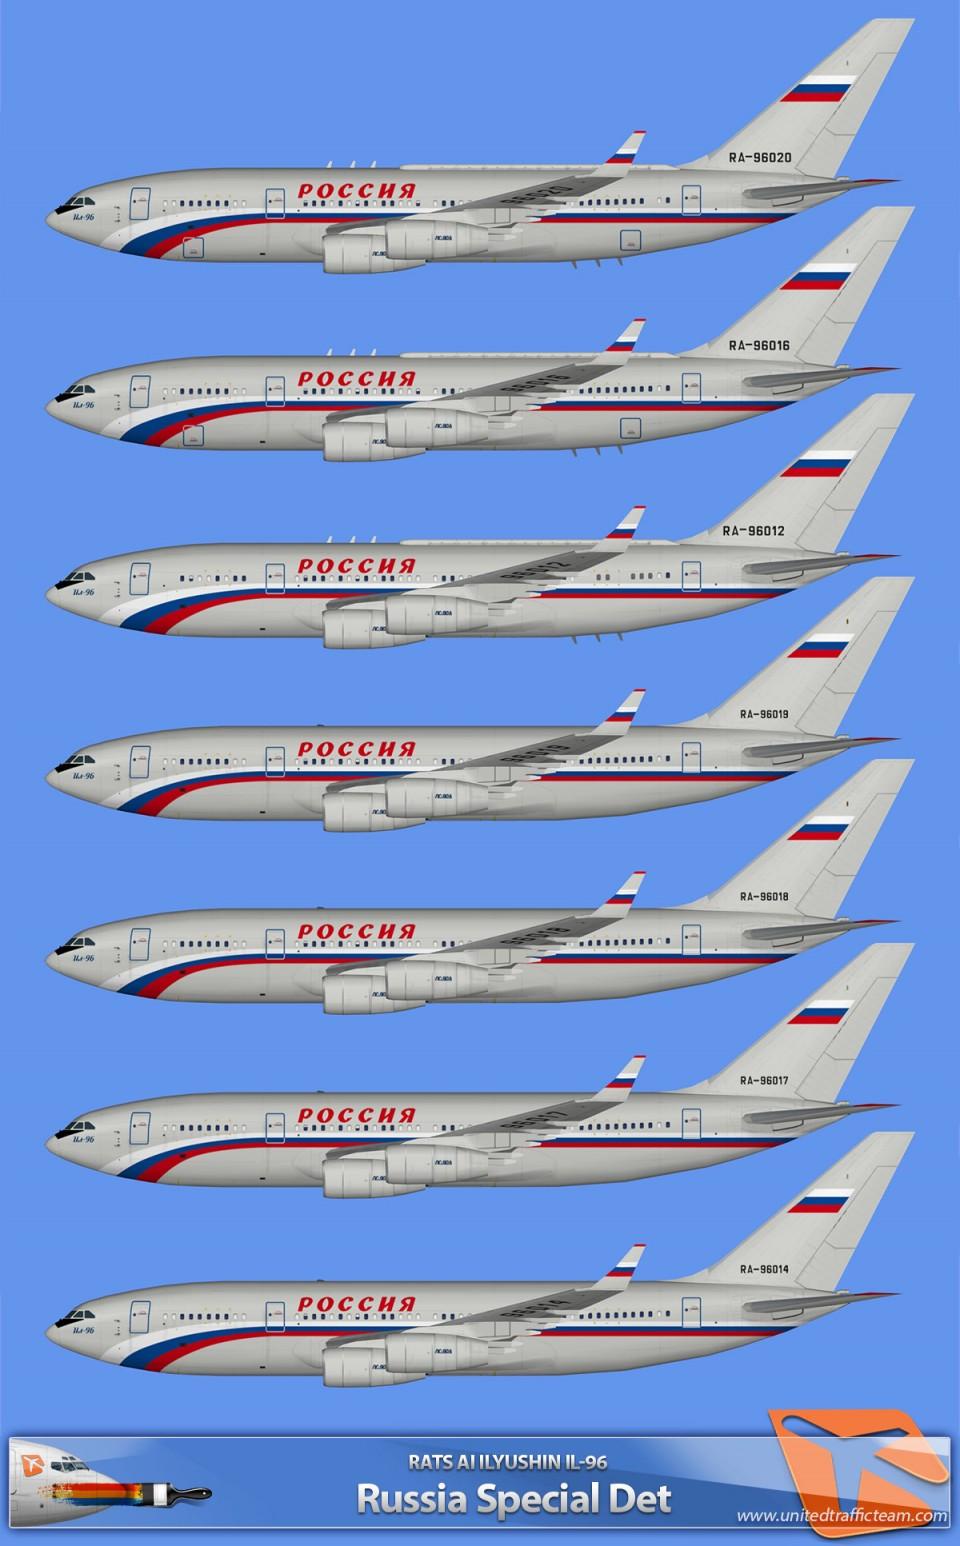 RATS AI Ilyushin Il-96-300 Russia Special Det